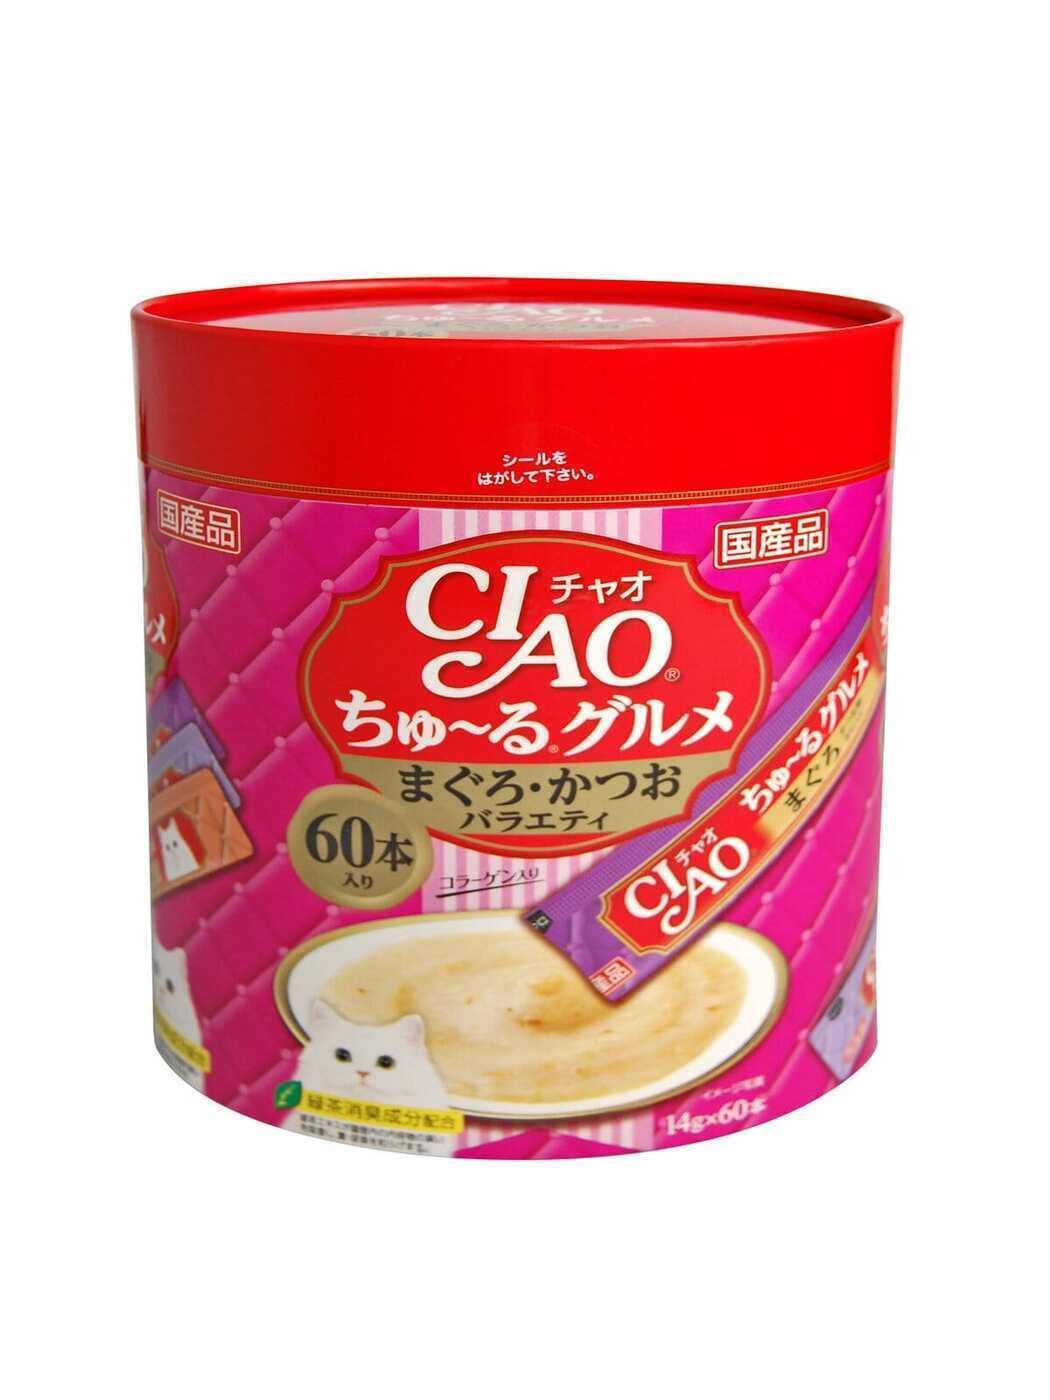 CIAO лакомство для кошек, деликатесный фьюжн на основе мраморной вырезки тунца 840 гр